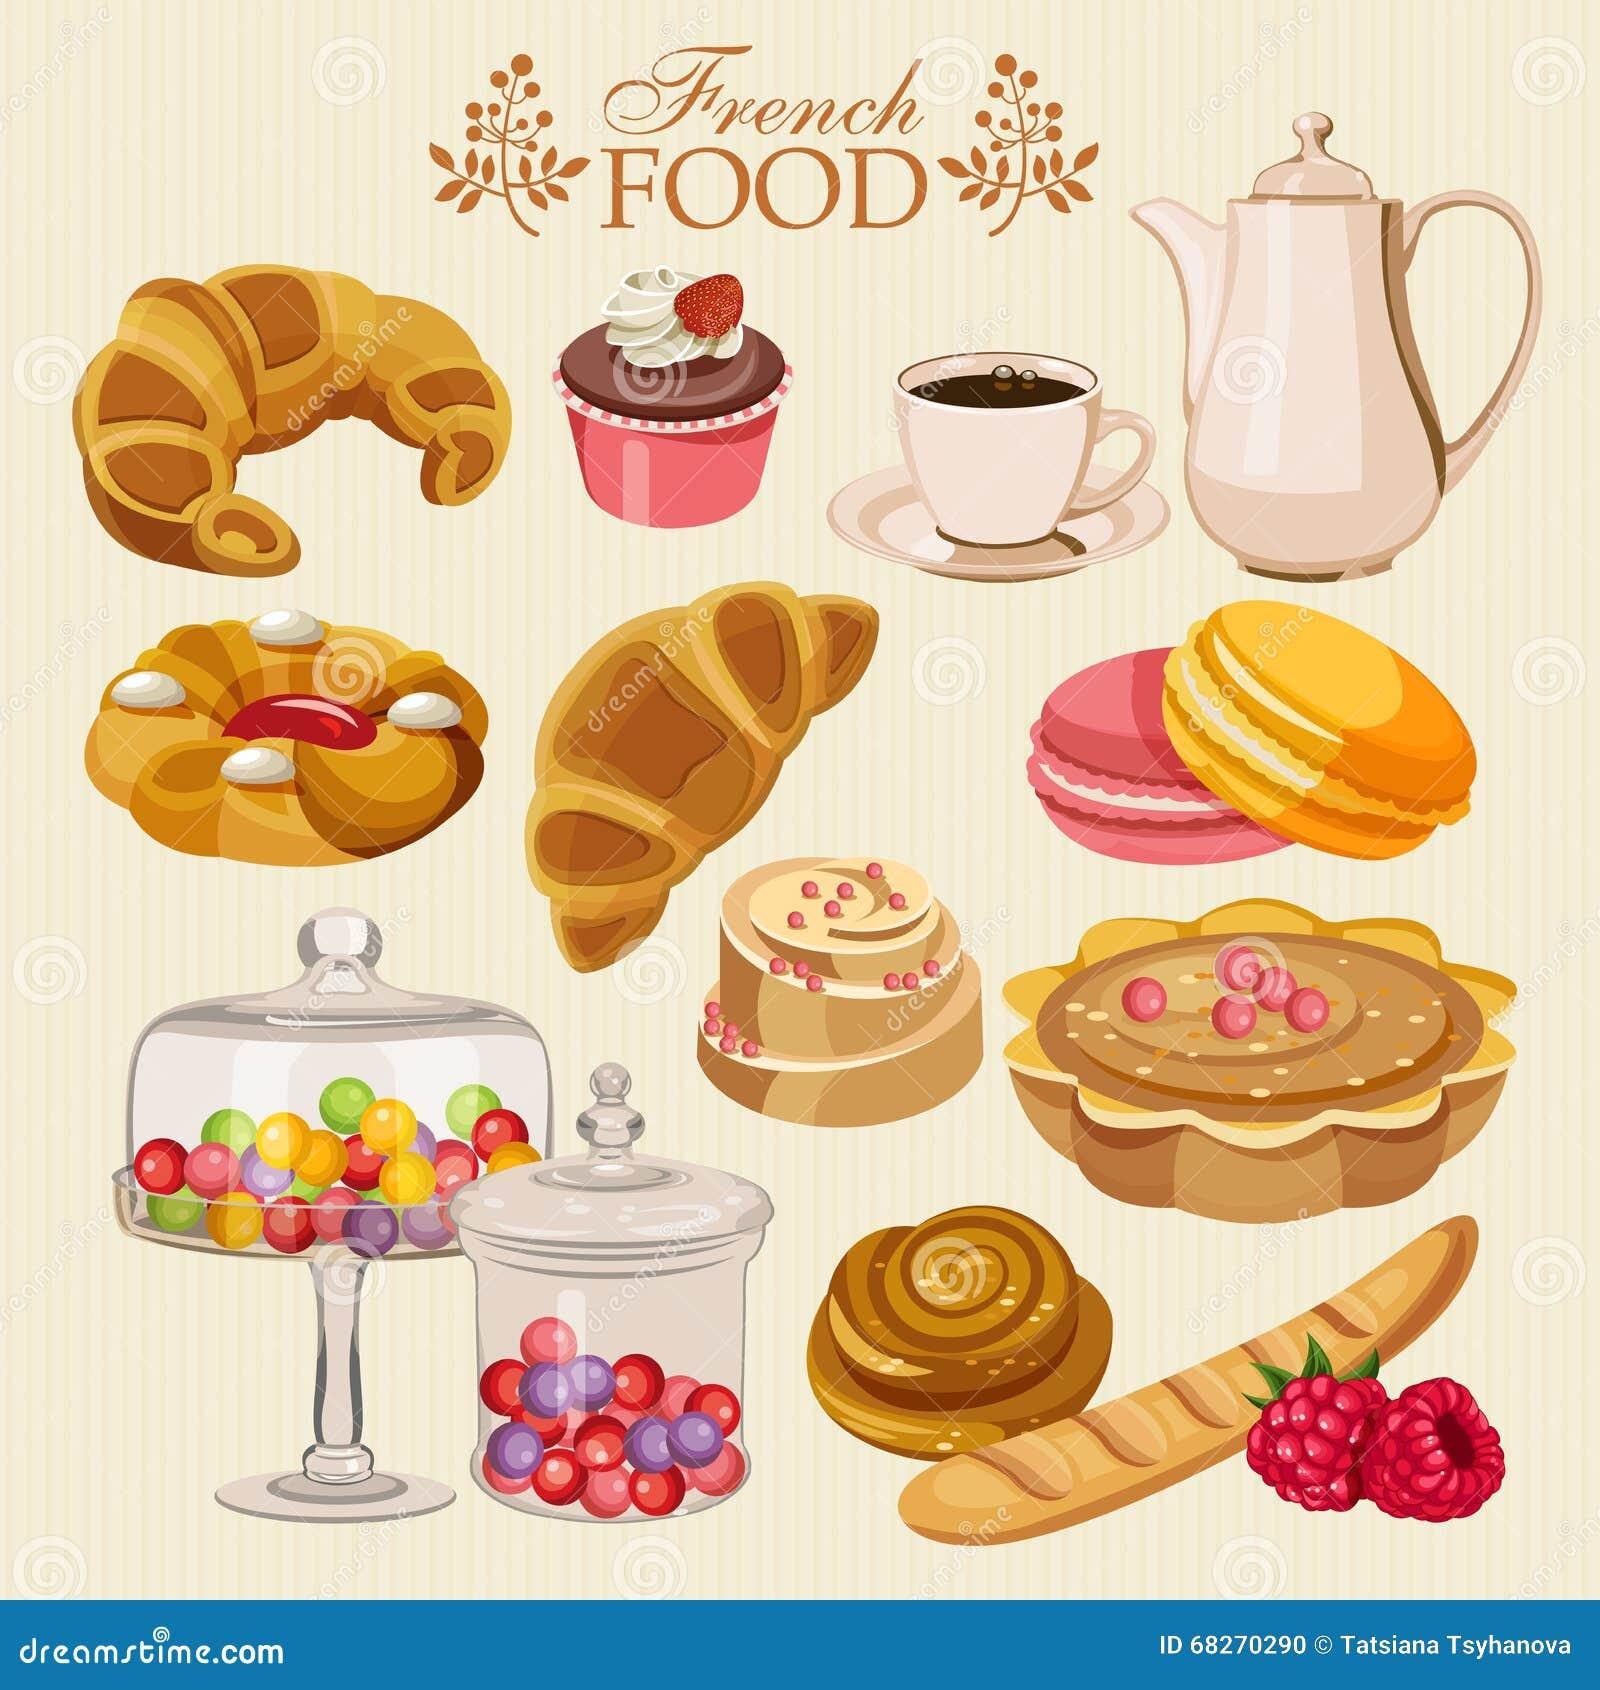 französische küche | bnbnews.co